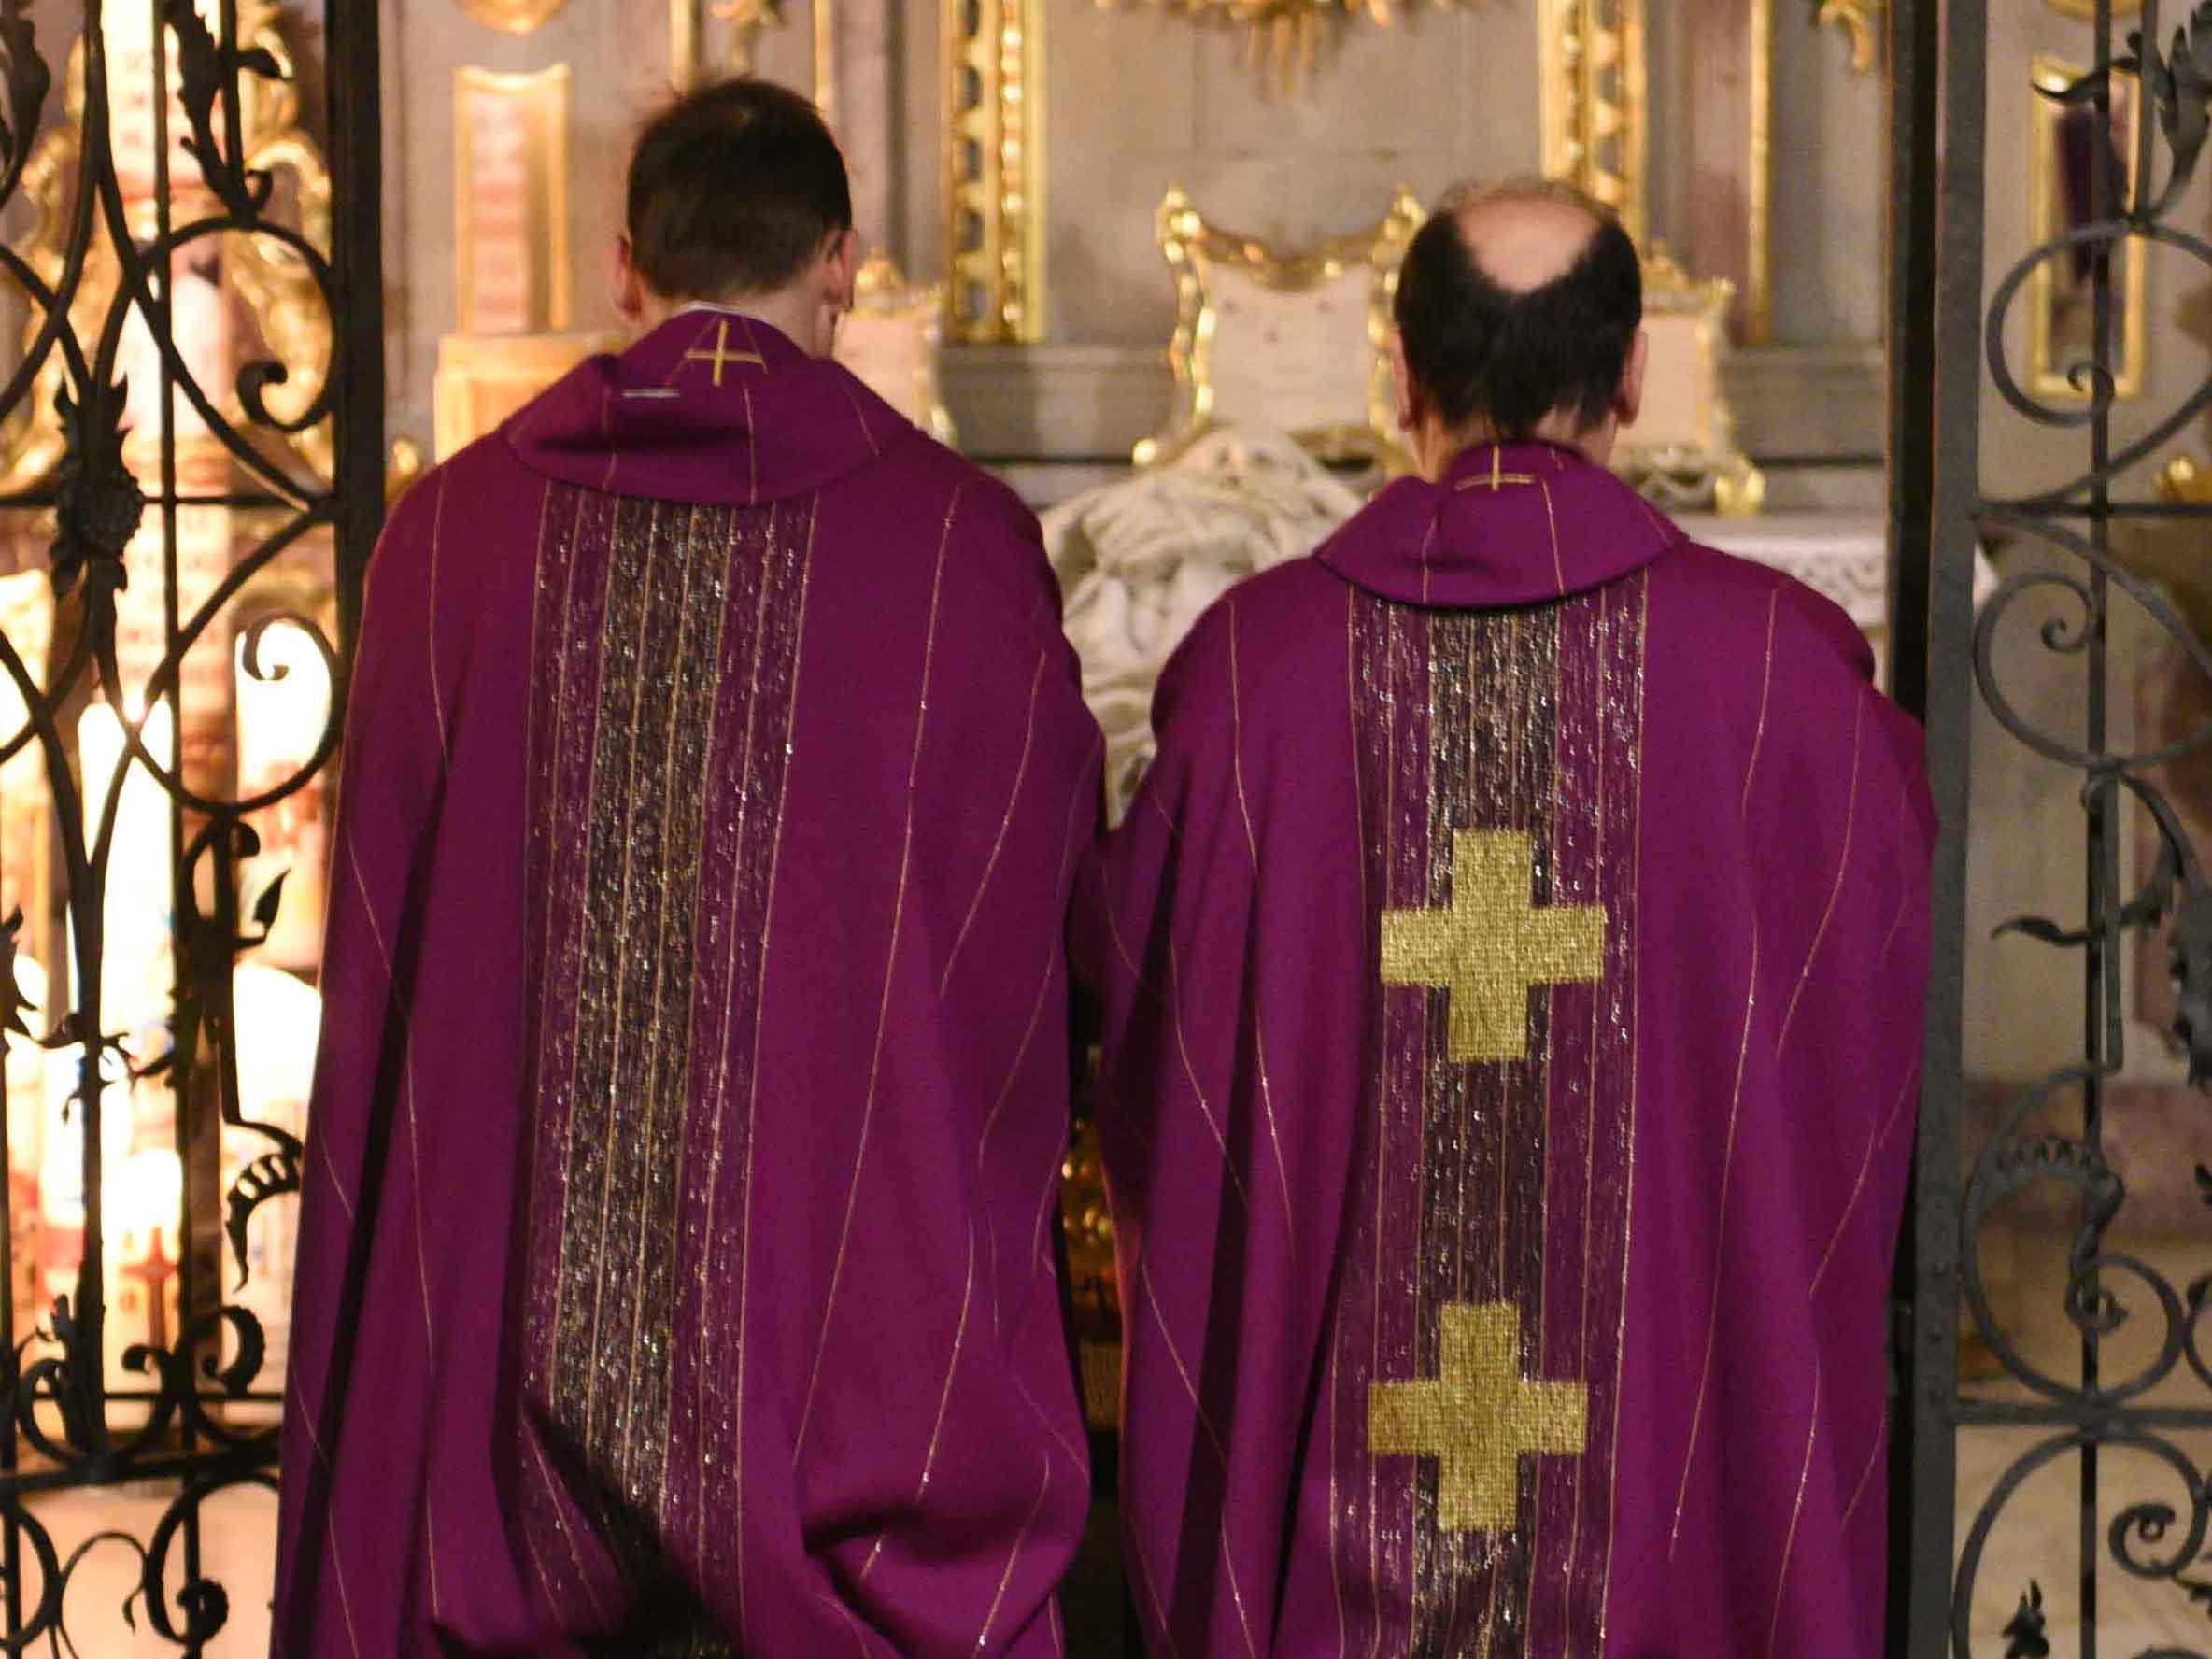 Basilikapfarrer Christoph Hänsler (links) und Prälat Bertram Meier beim gemeinsamen Gebet am Grab des heiligen Ulrich. (Foto: Karin Demartin)